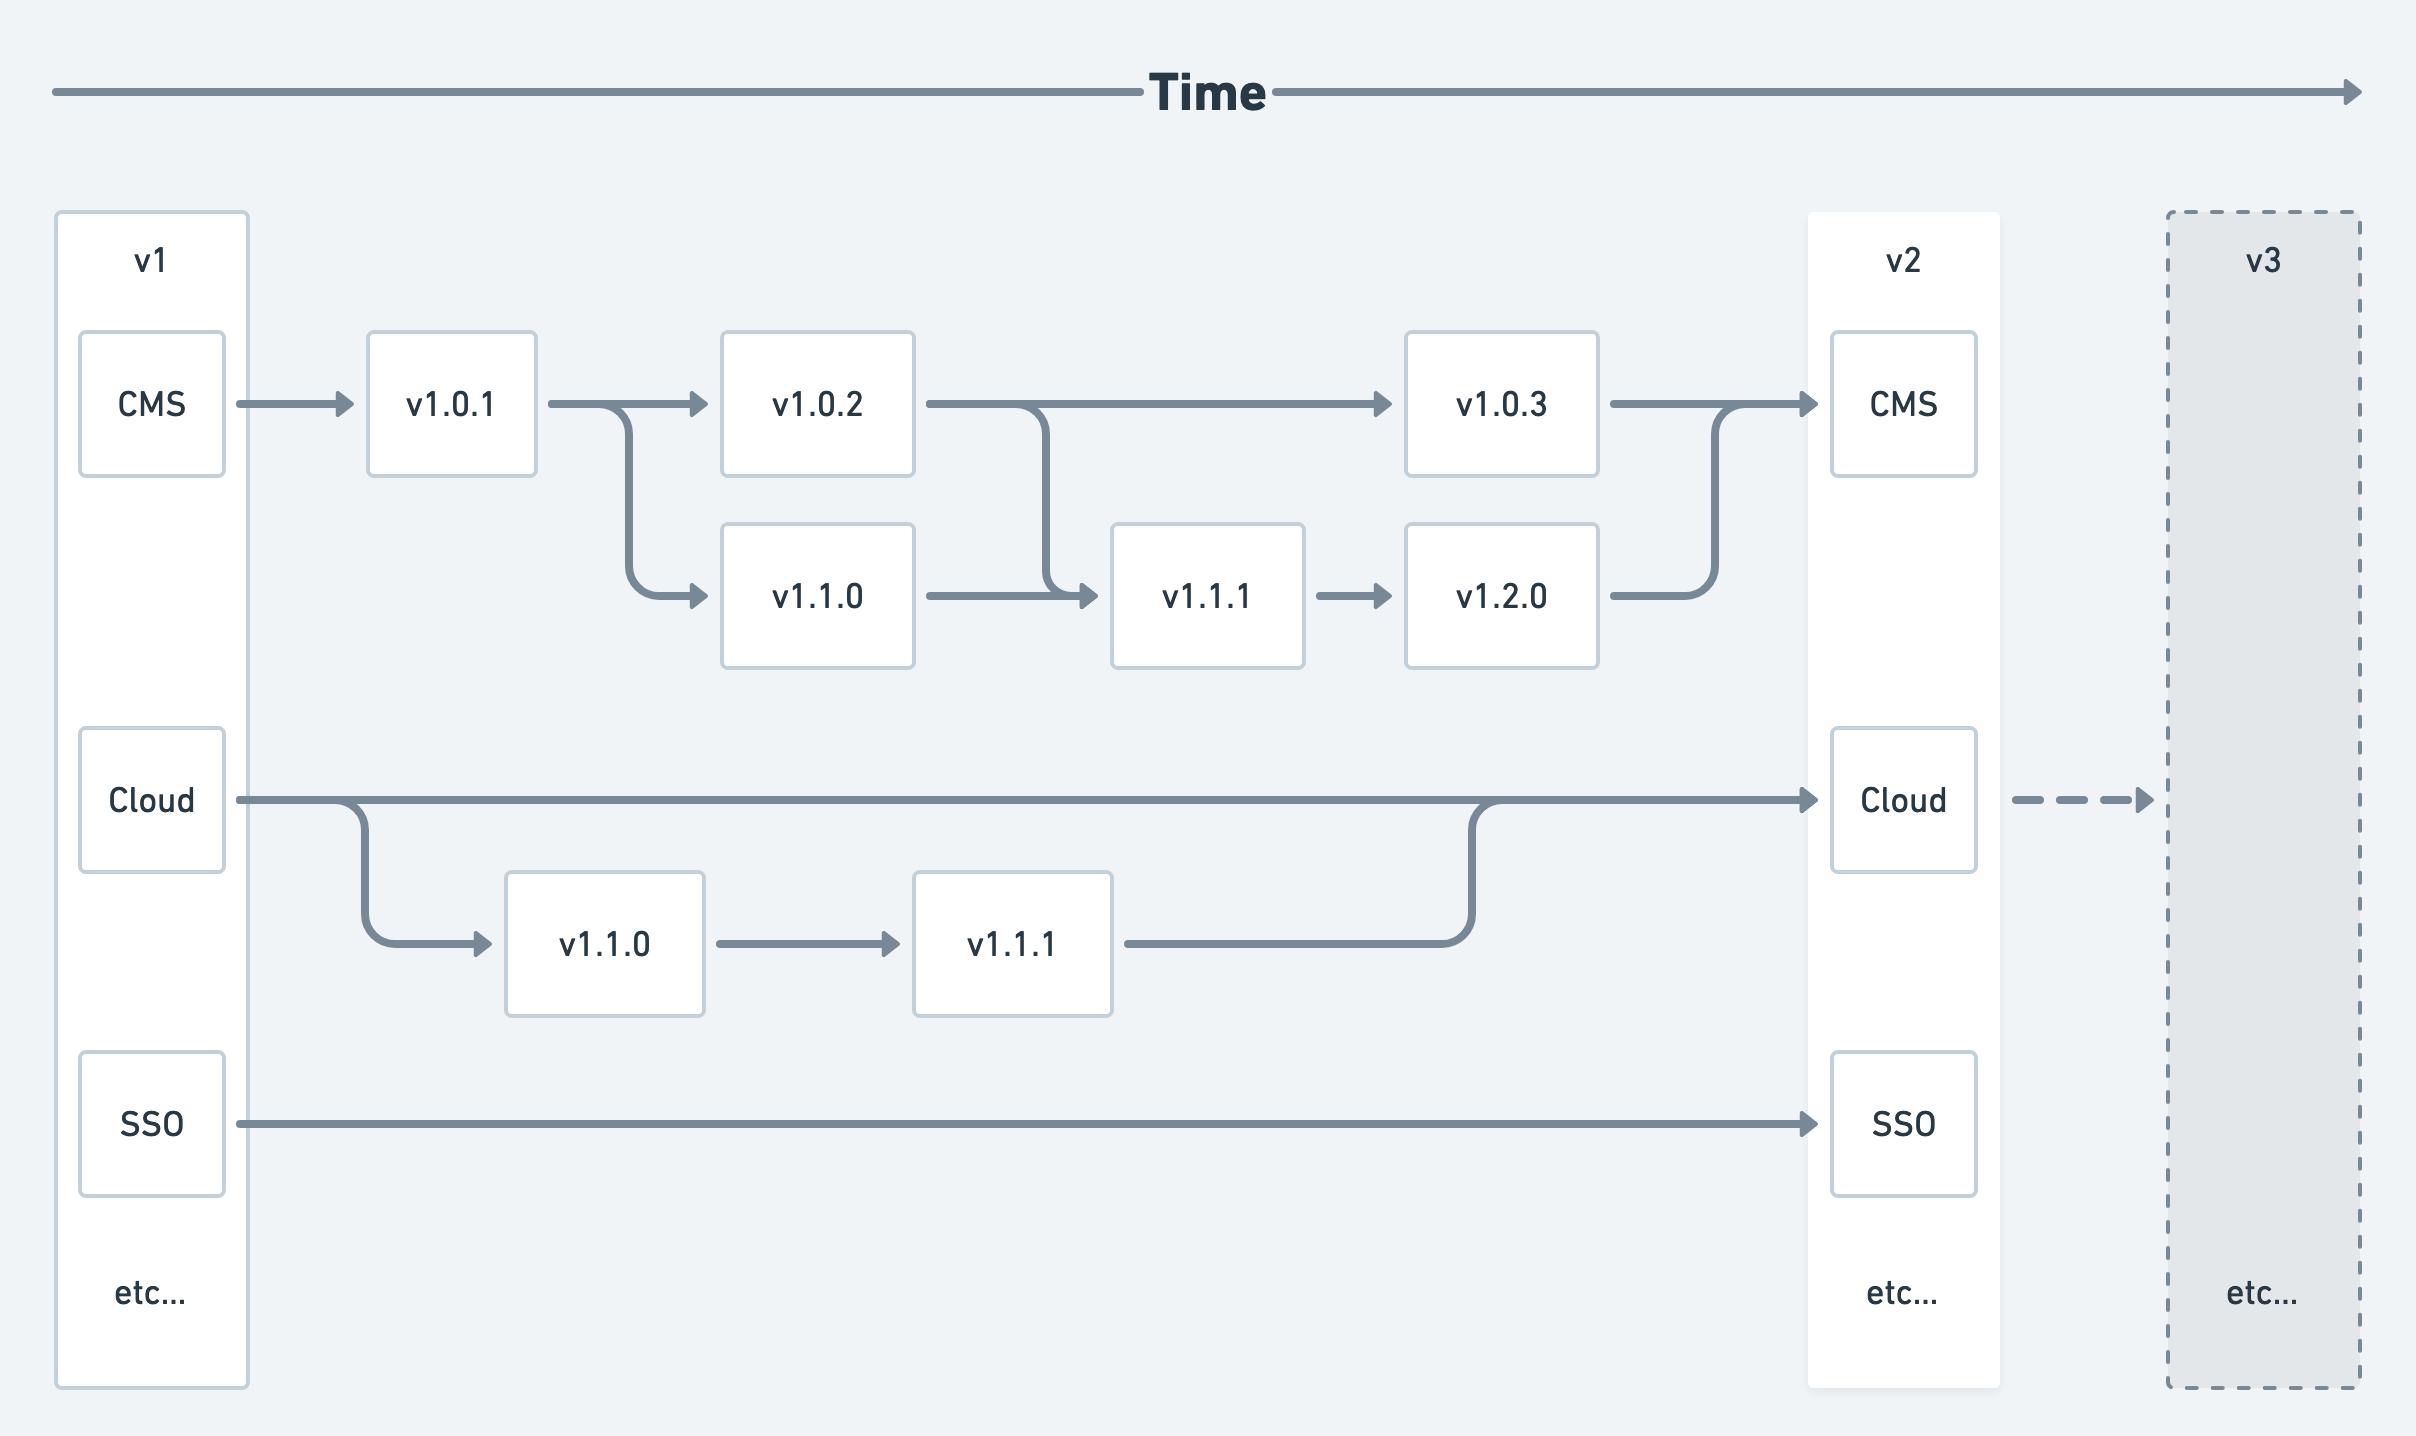 Release timeline diagram